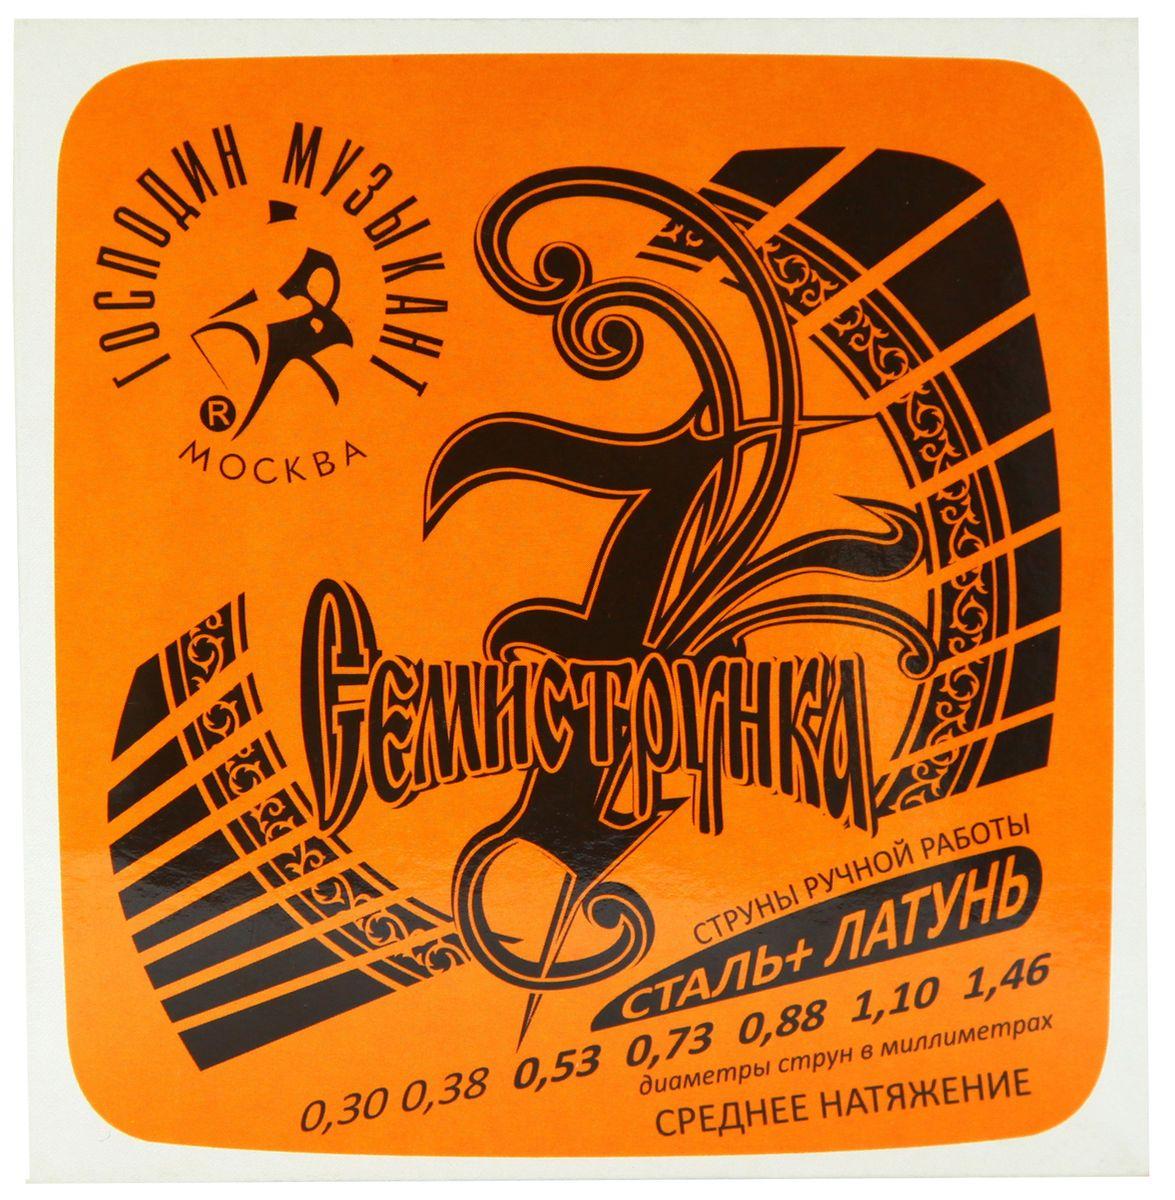 Господин Музыкант R-12 Семиструнка, Gray струны для акустической гитары